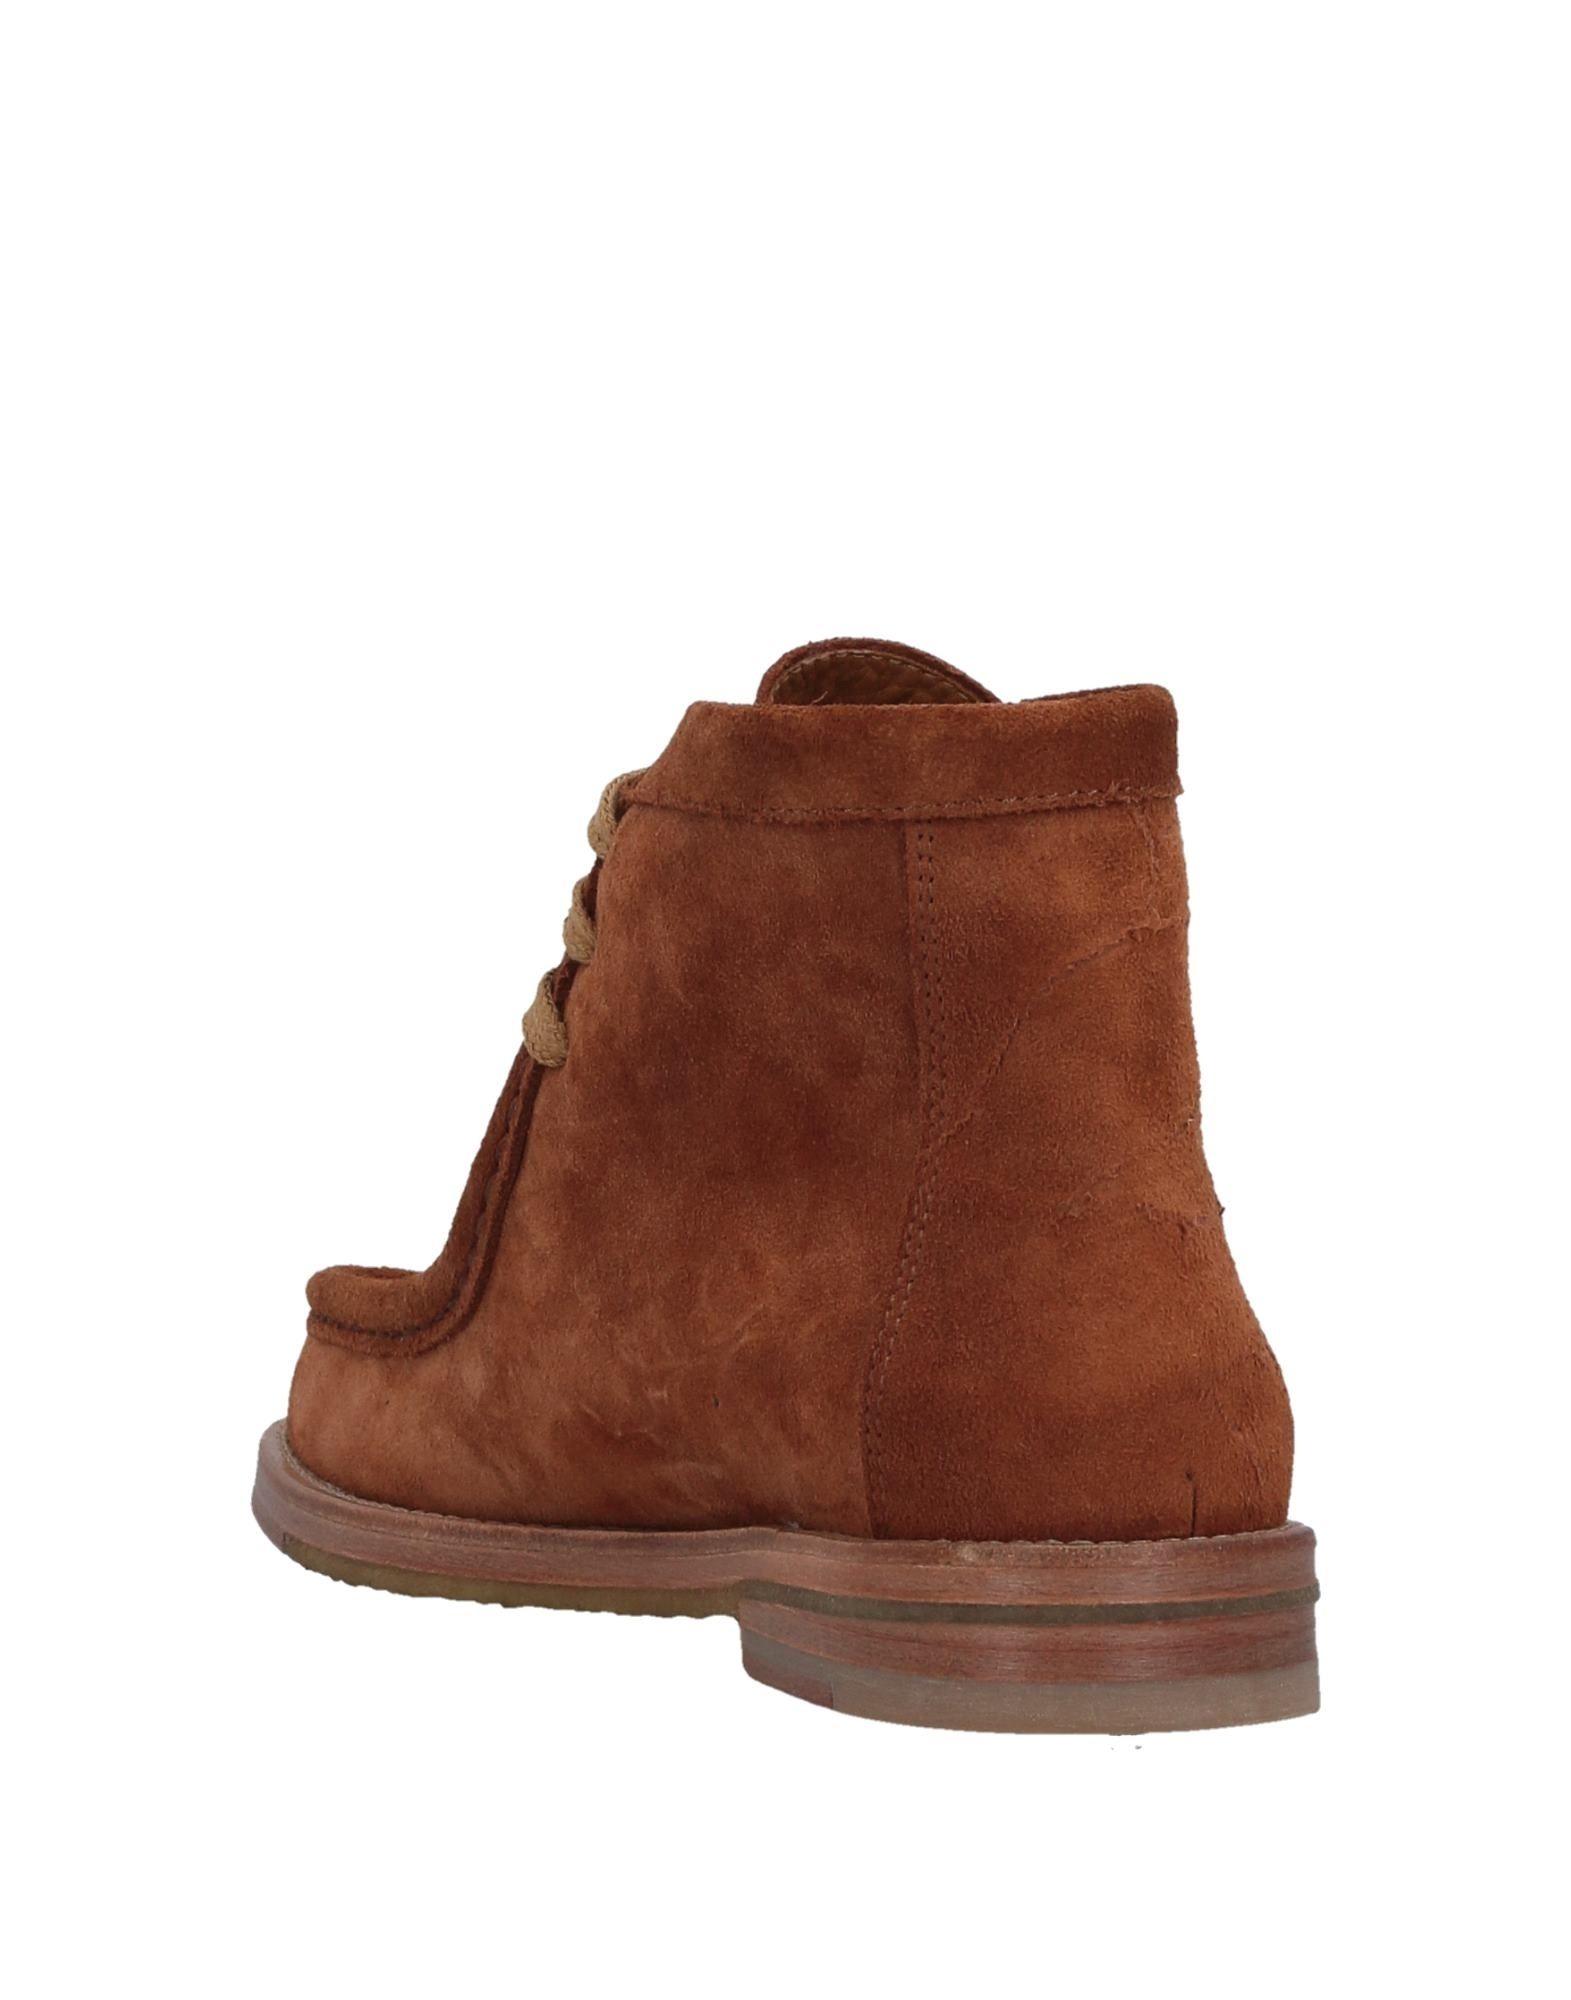 N.D.C. Made By Hand Stiefelette Damen  11521554AHGut aussehende strapazierfähige Schuhe